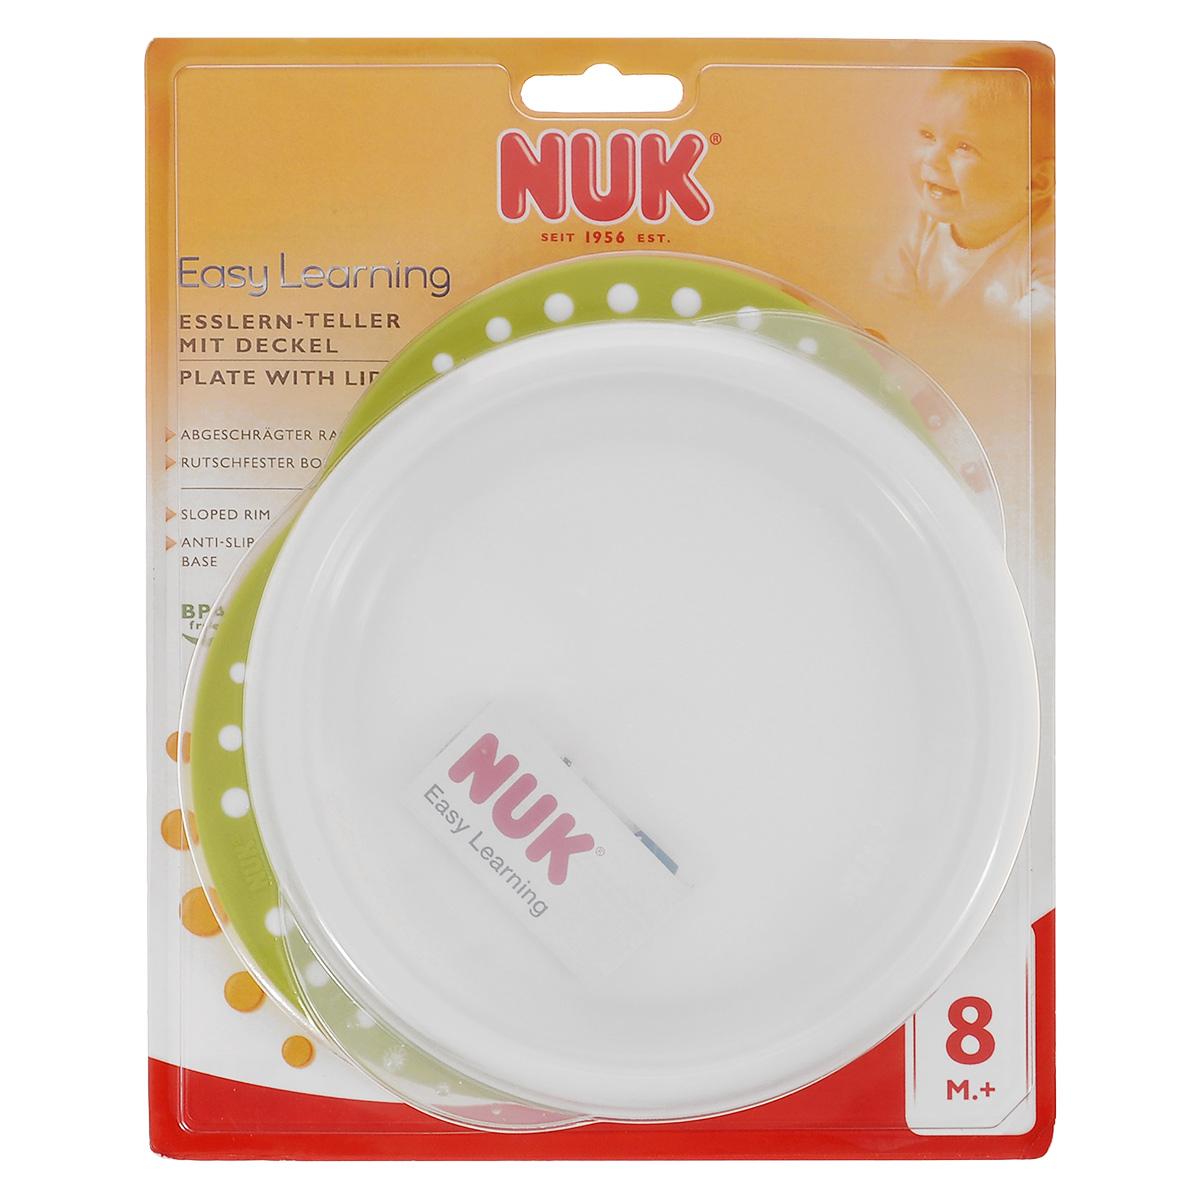 NUK Тарелка детская Easy Learning от 8 месяцев цвет салатовый